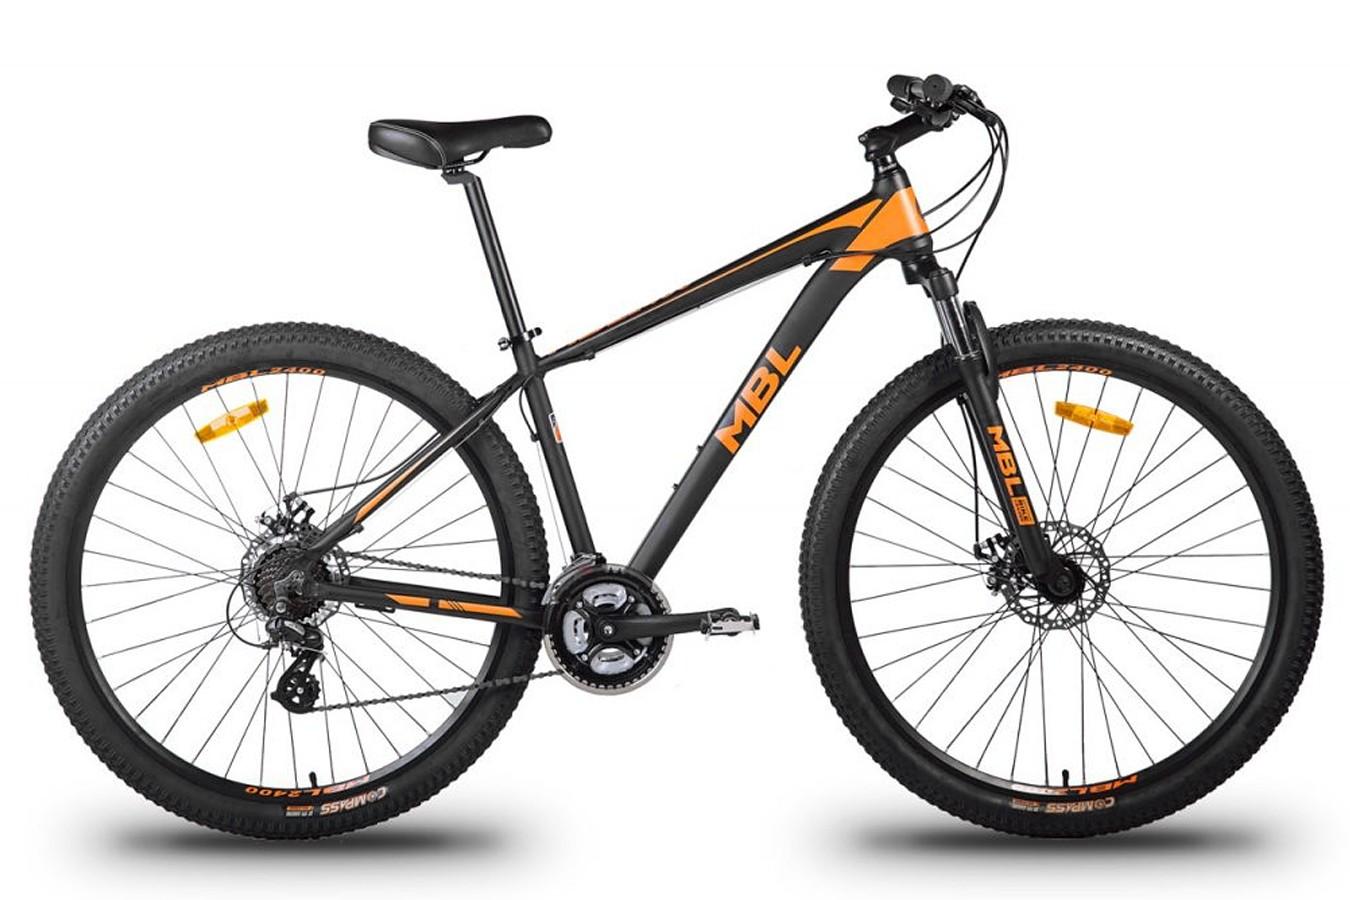 Bicicleta 29 Disc 2400 24V - MBL